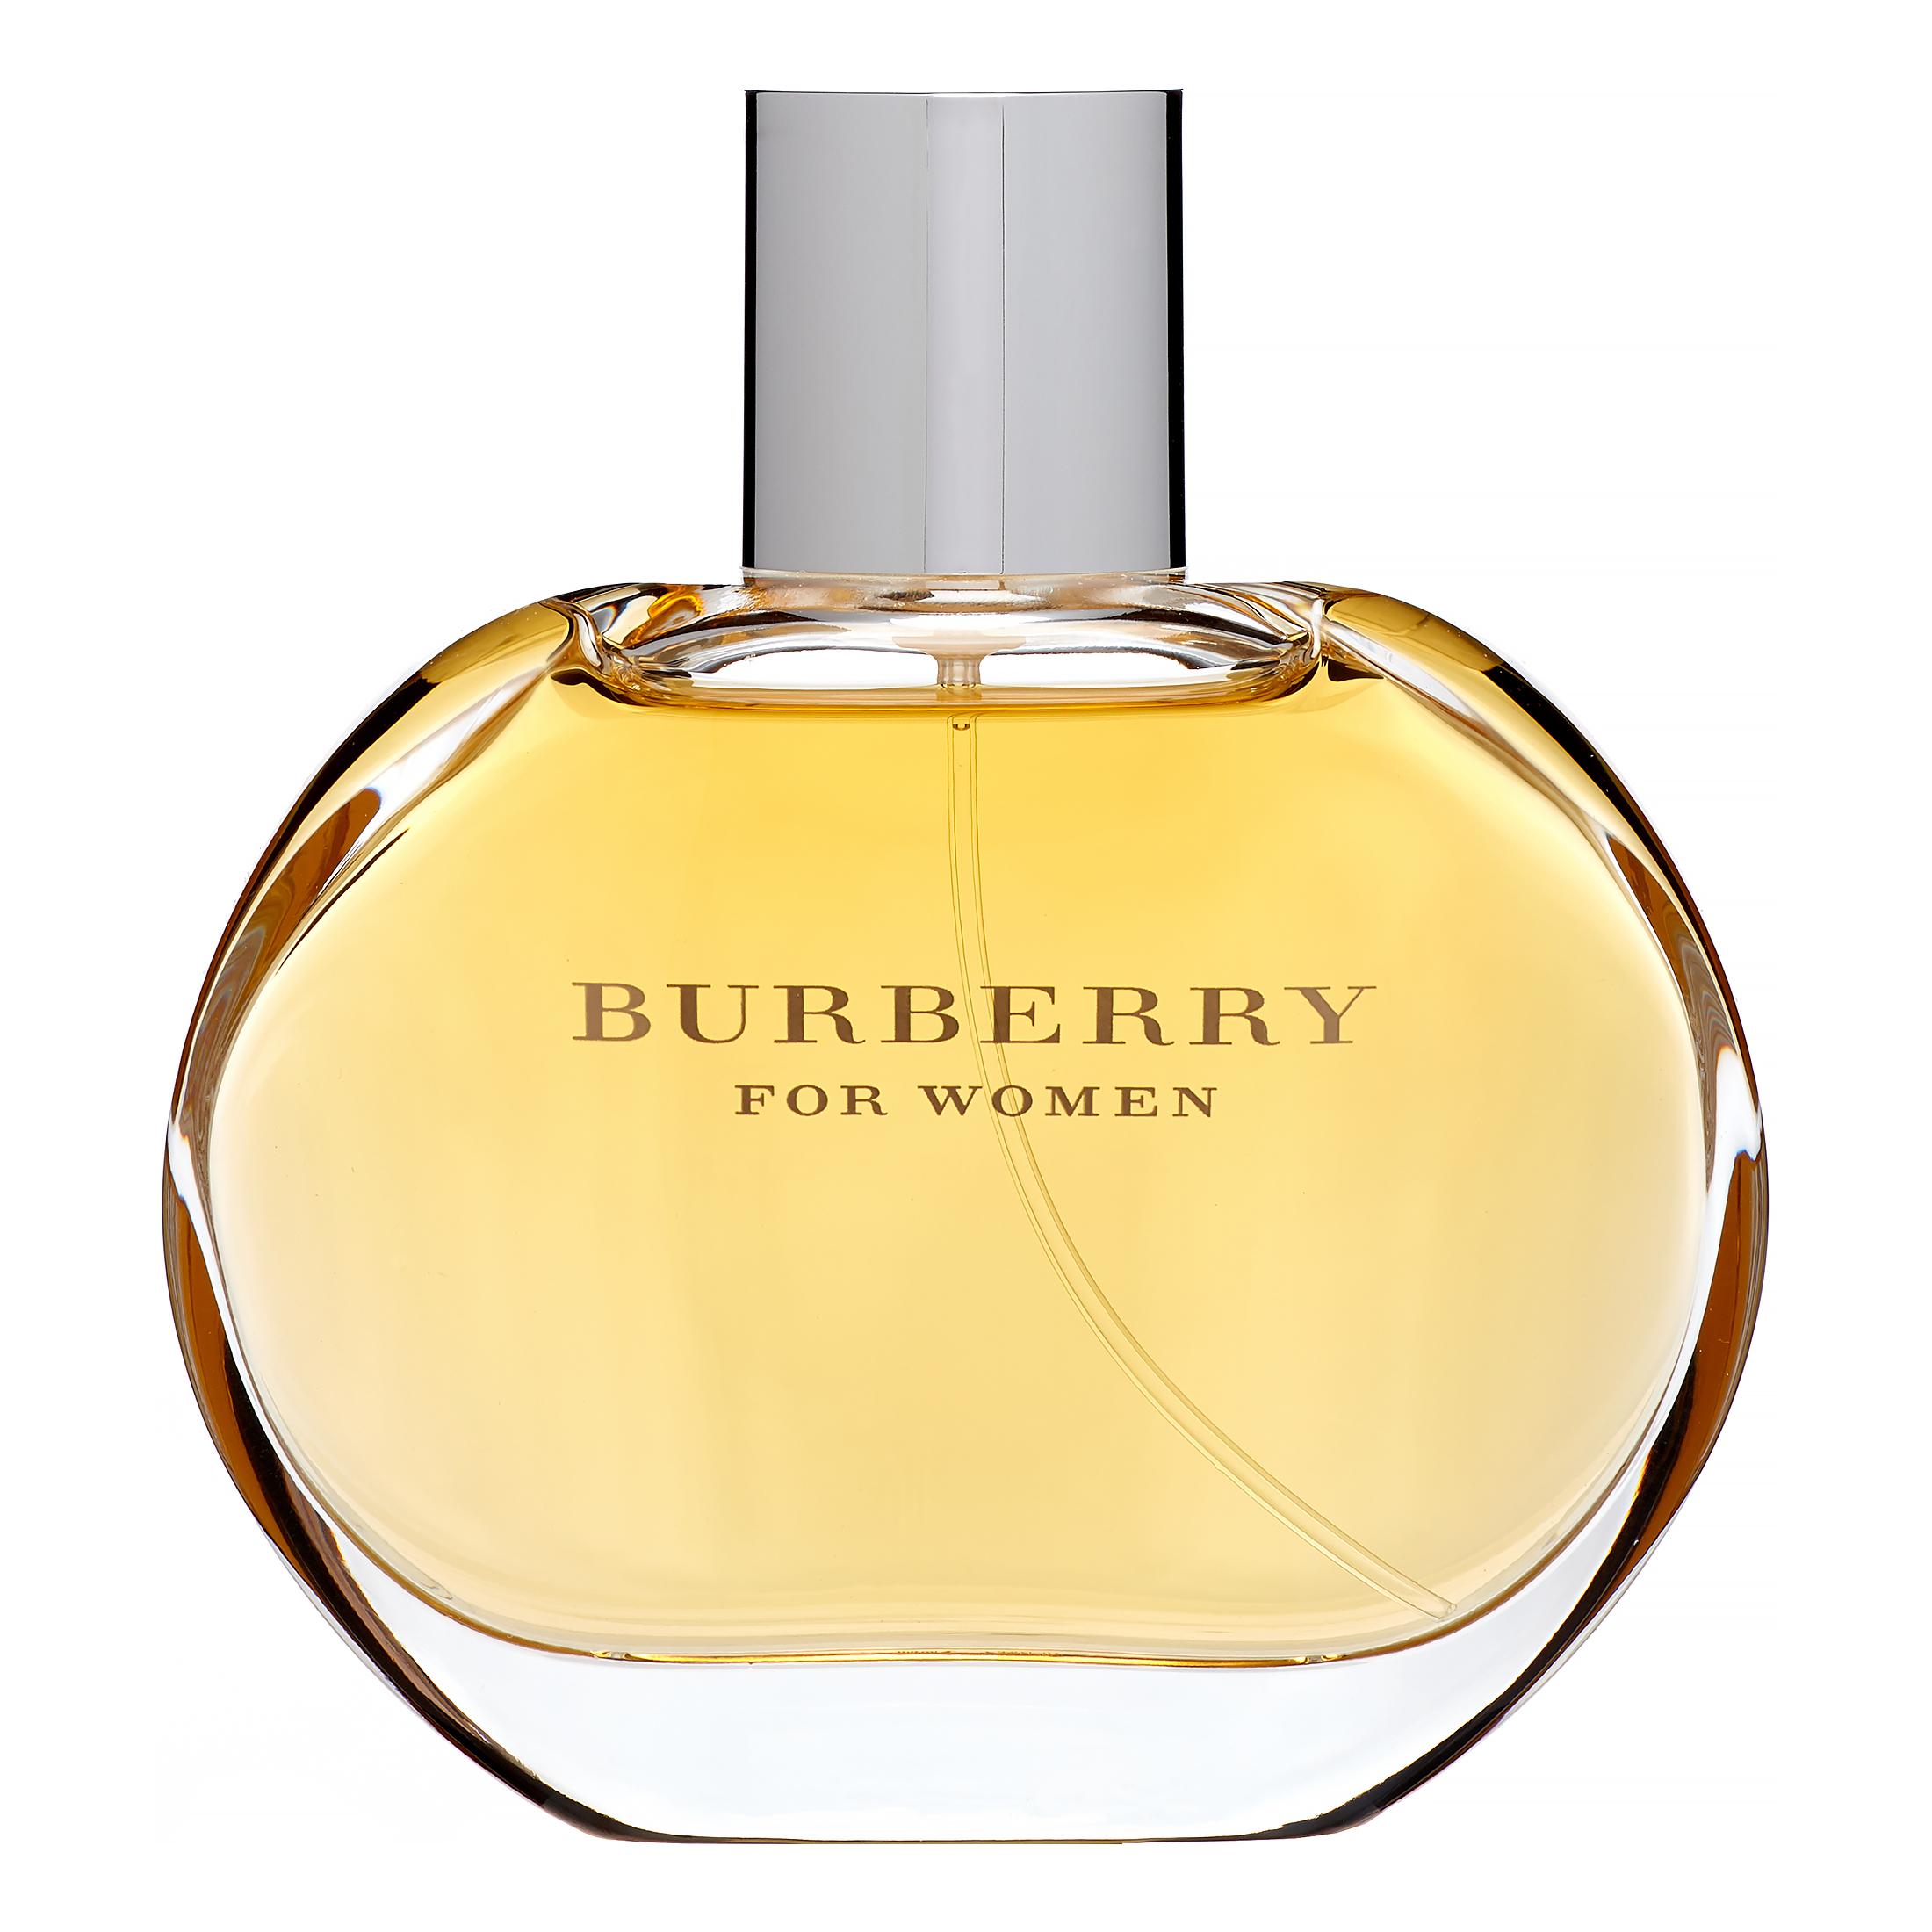 Burberry London For Women edp 100ml | Ginos.se